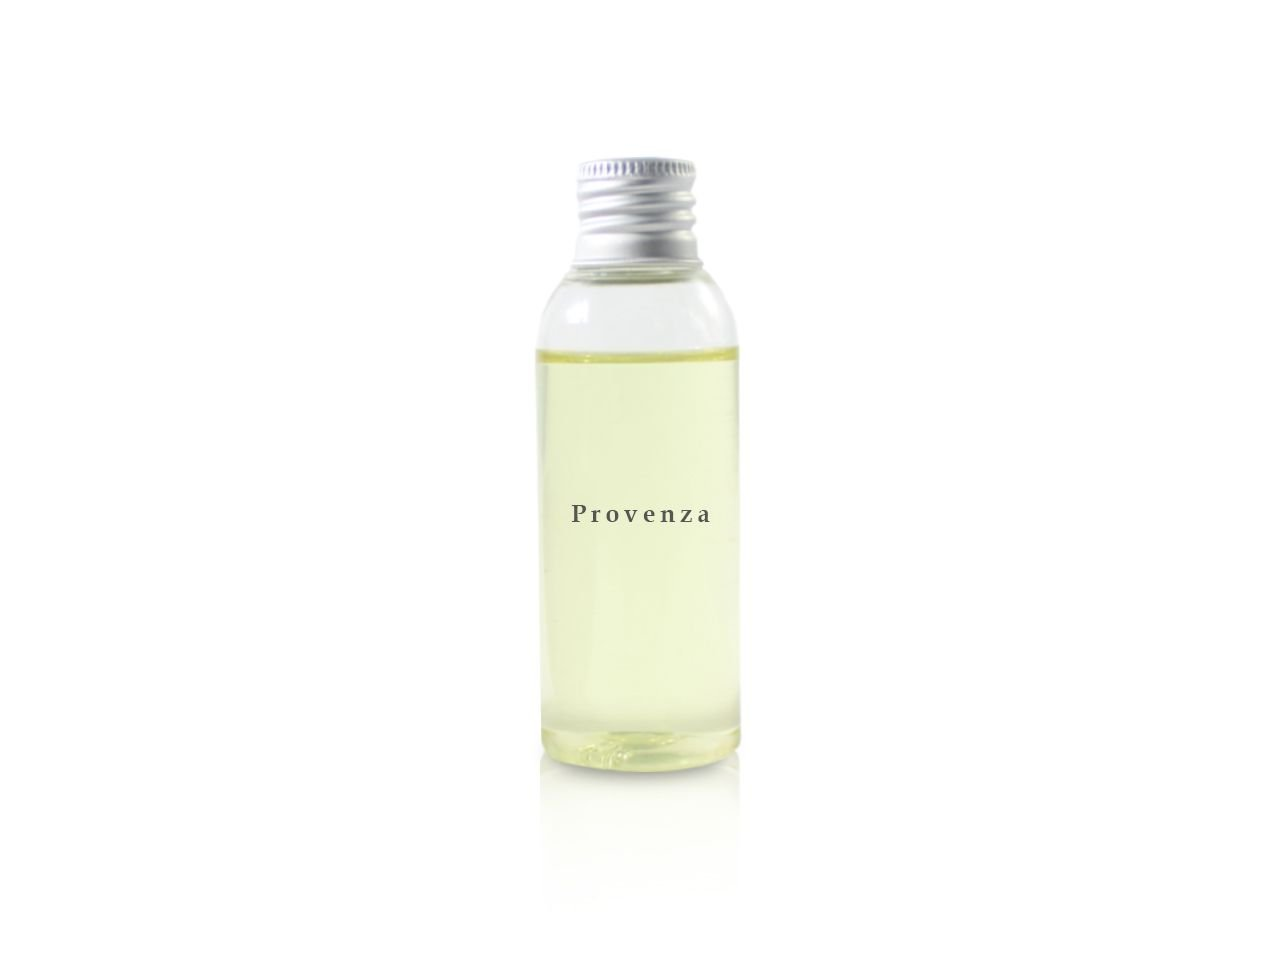 Ricarica Diffusore Ambiente Provenza 50 ml - v1